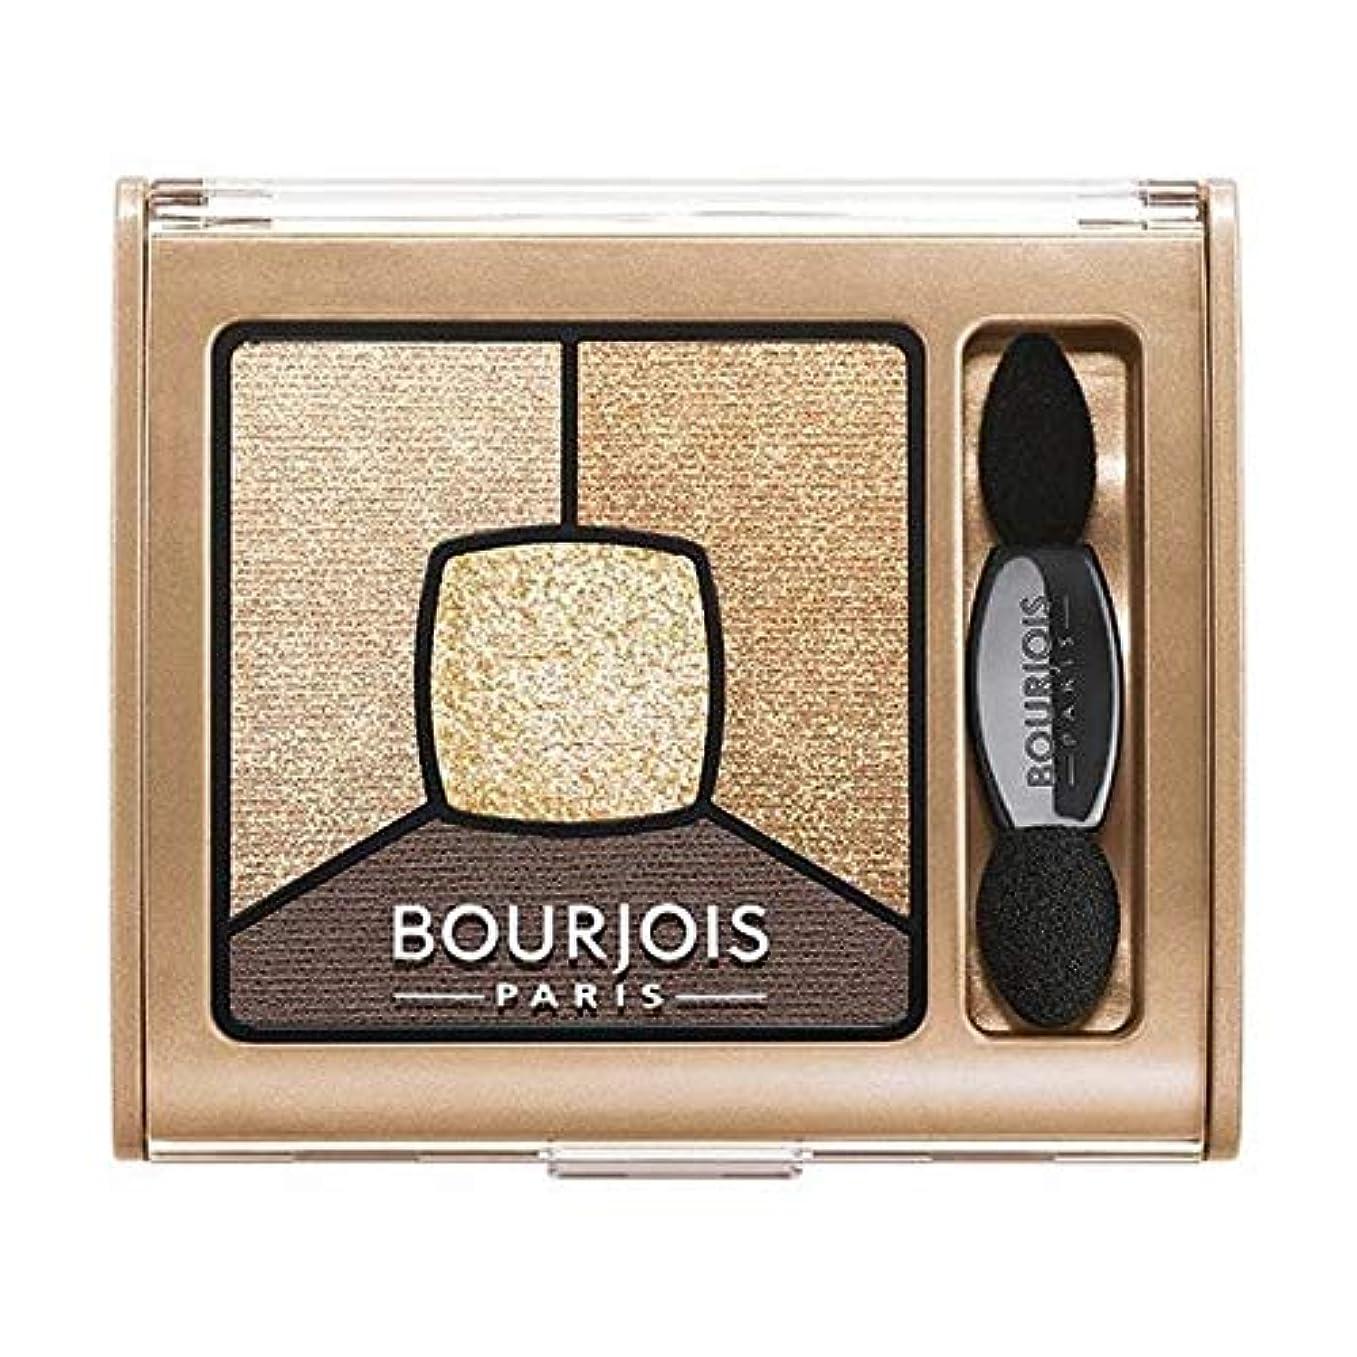 十億普通の額[Bourjois ] ブルジョワスモーキー話クワッドアイシャドウ - ゴールド版 - Bourjois Smoky Stories Quad Eyeshadow - Gold Edition [並行輸入品]